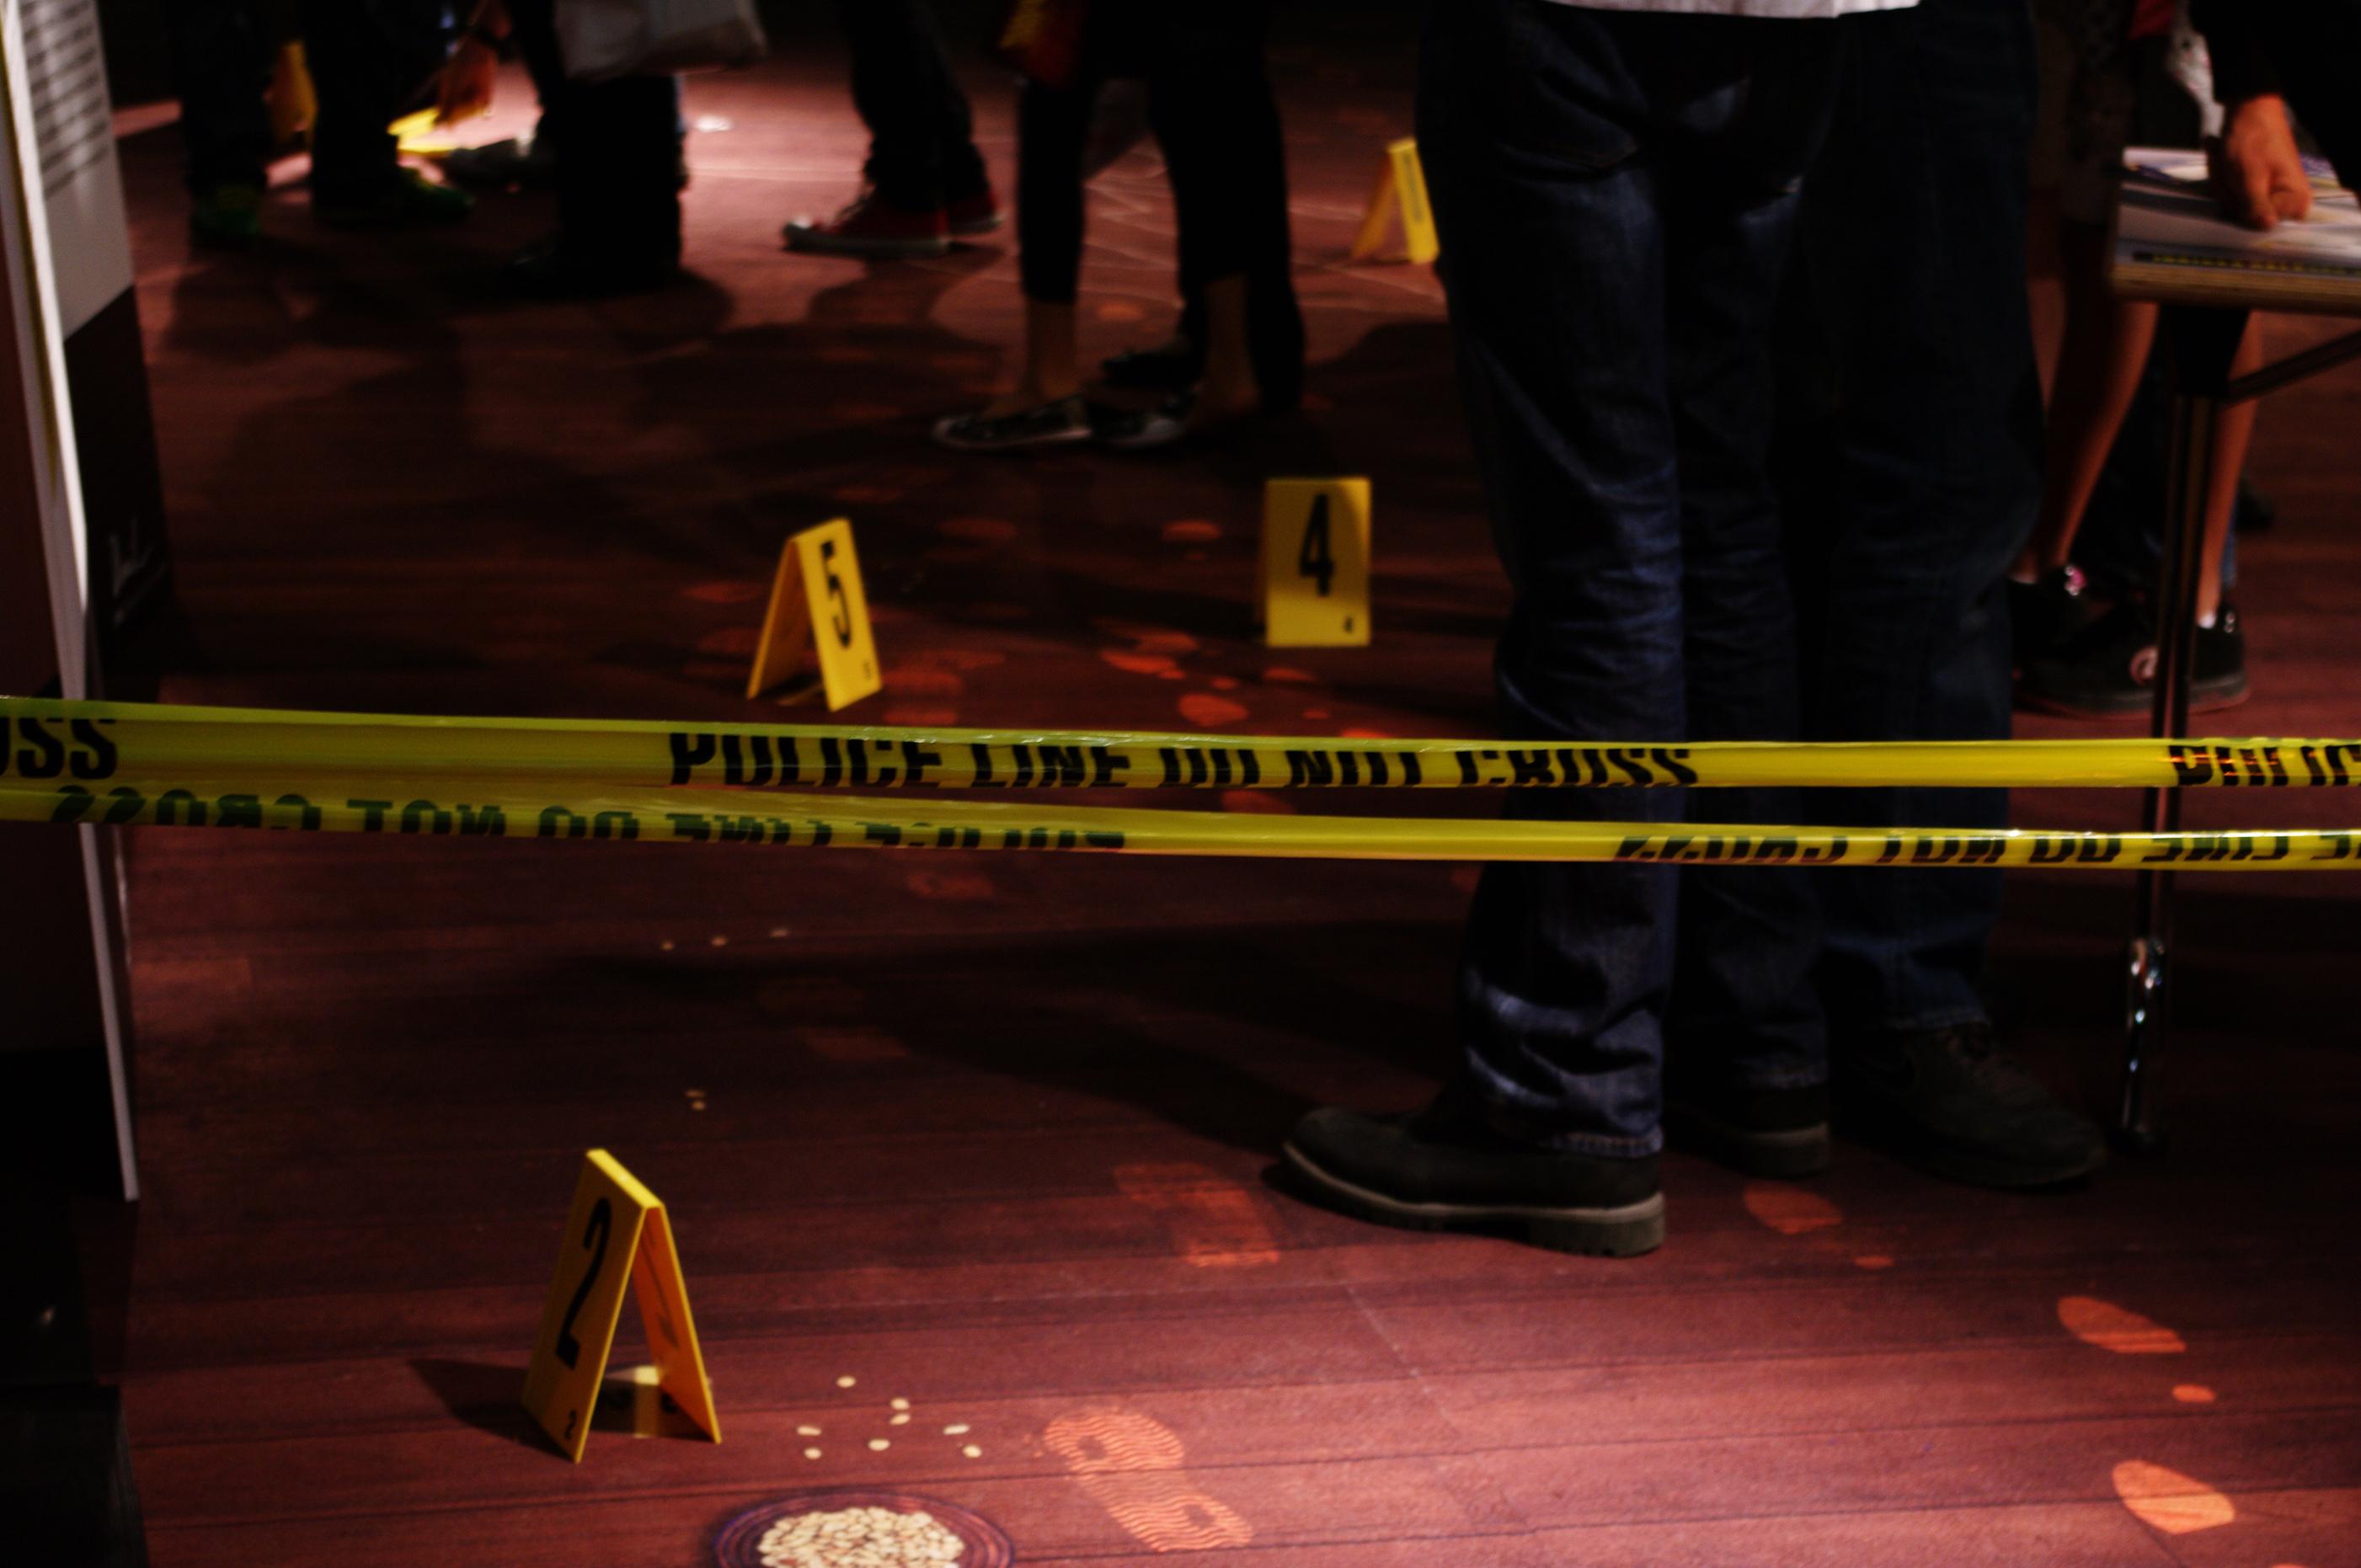 Crime scene investigation, Cops, Mort, Victim, Scene, HQ Photo